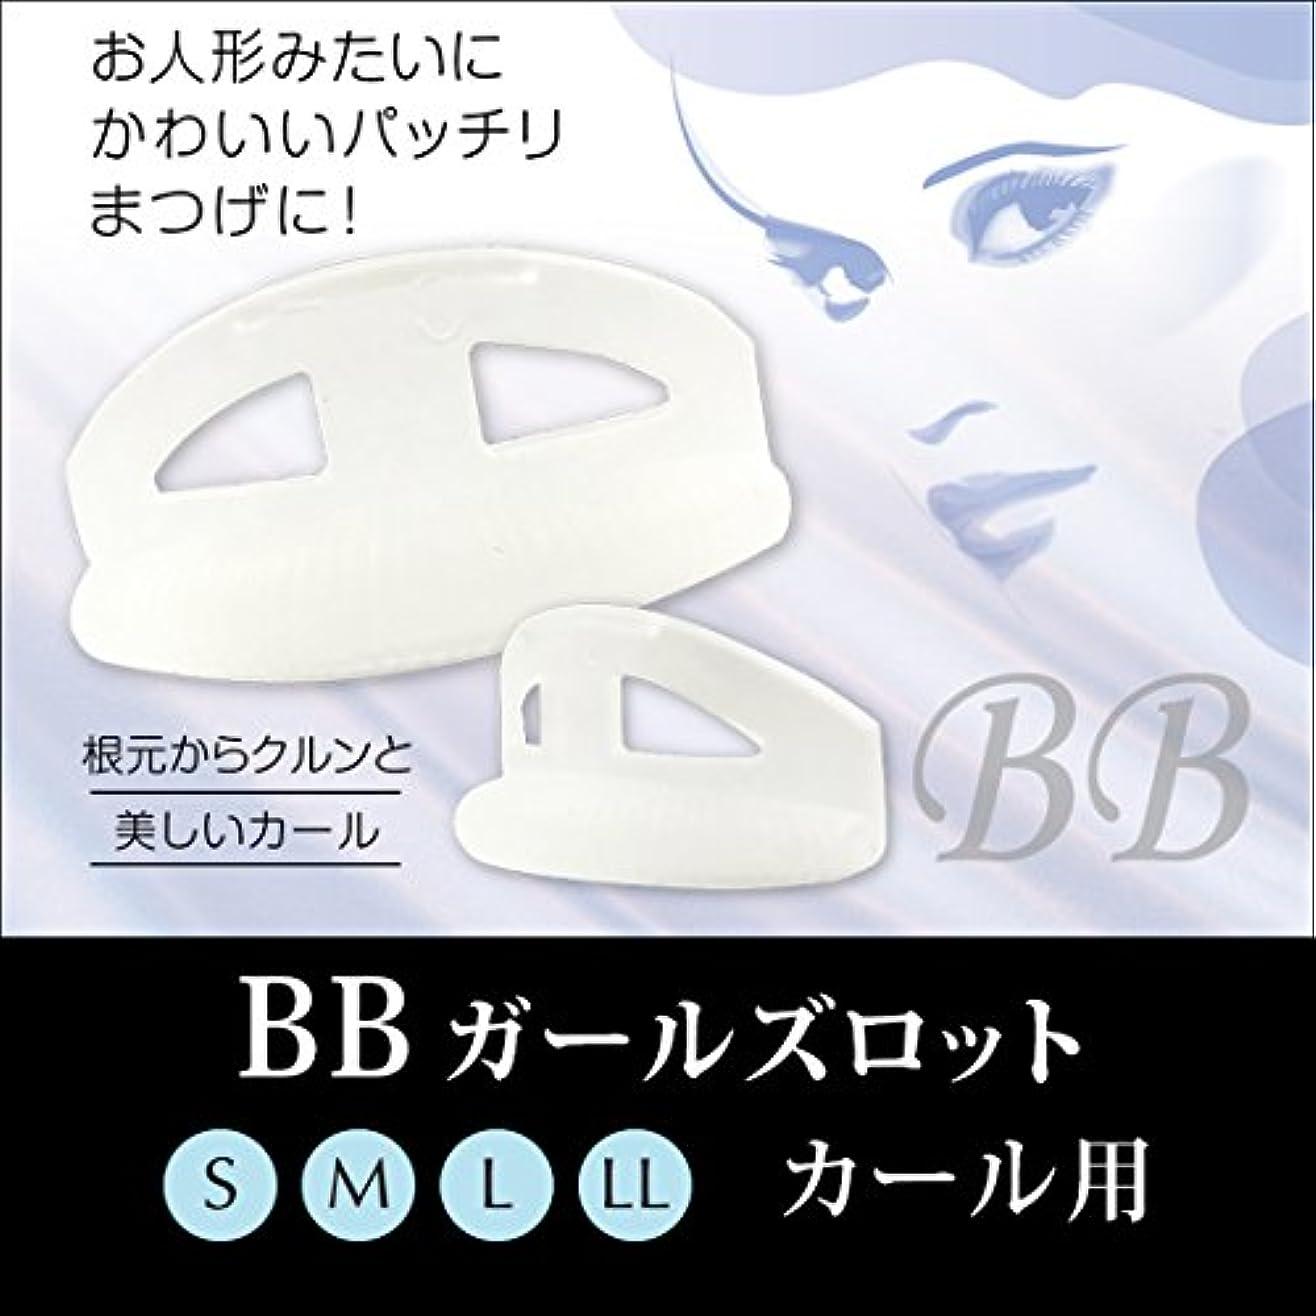 裁量ガス成分BBガールズロット カール用(M)